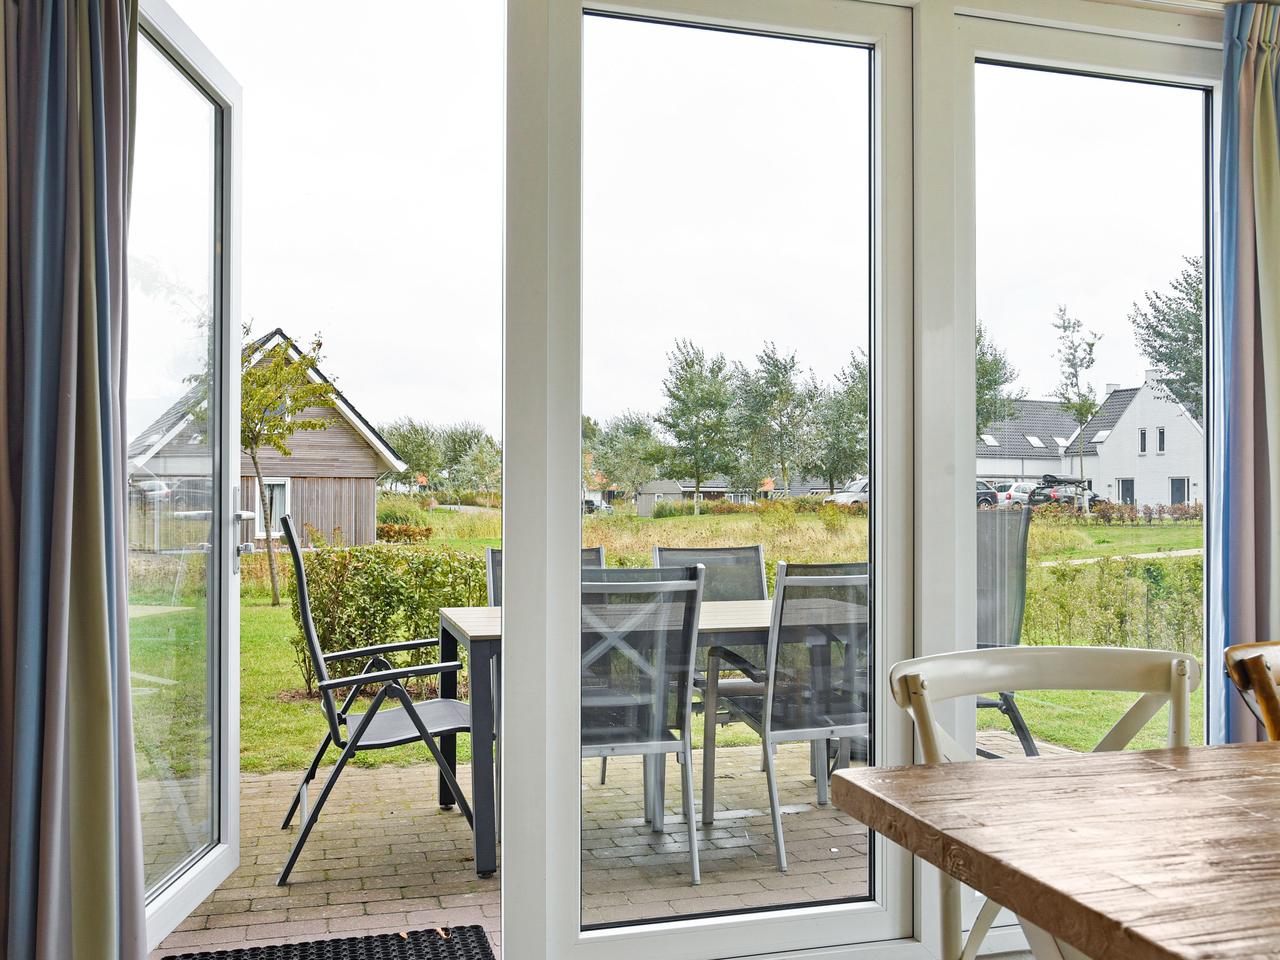 Ferienhaus Komfort 6-Personen-Kinder-Ferienhaus im Ferienpark Landal Strand Resort Nieuwvliet-Bad - a (683560), Nieuwvliet, , Seeland, Niederlande, Bild 8